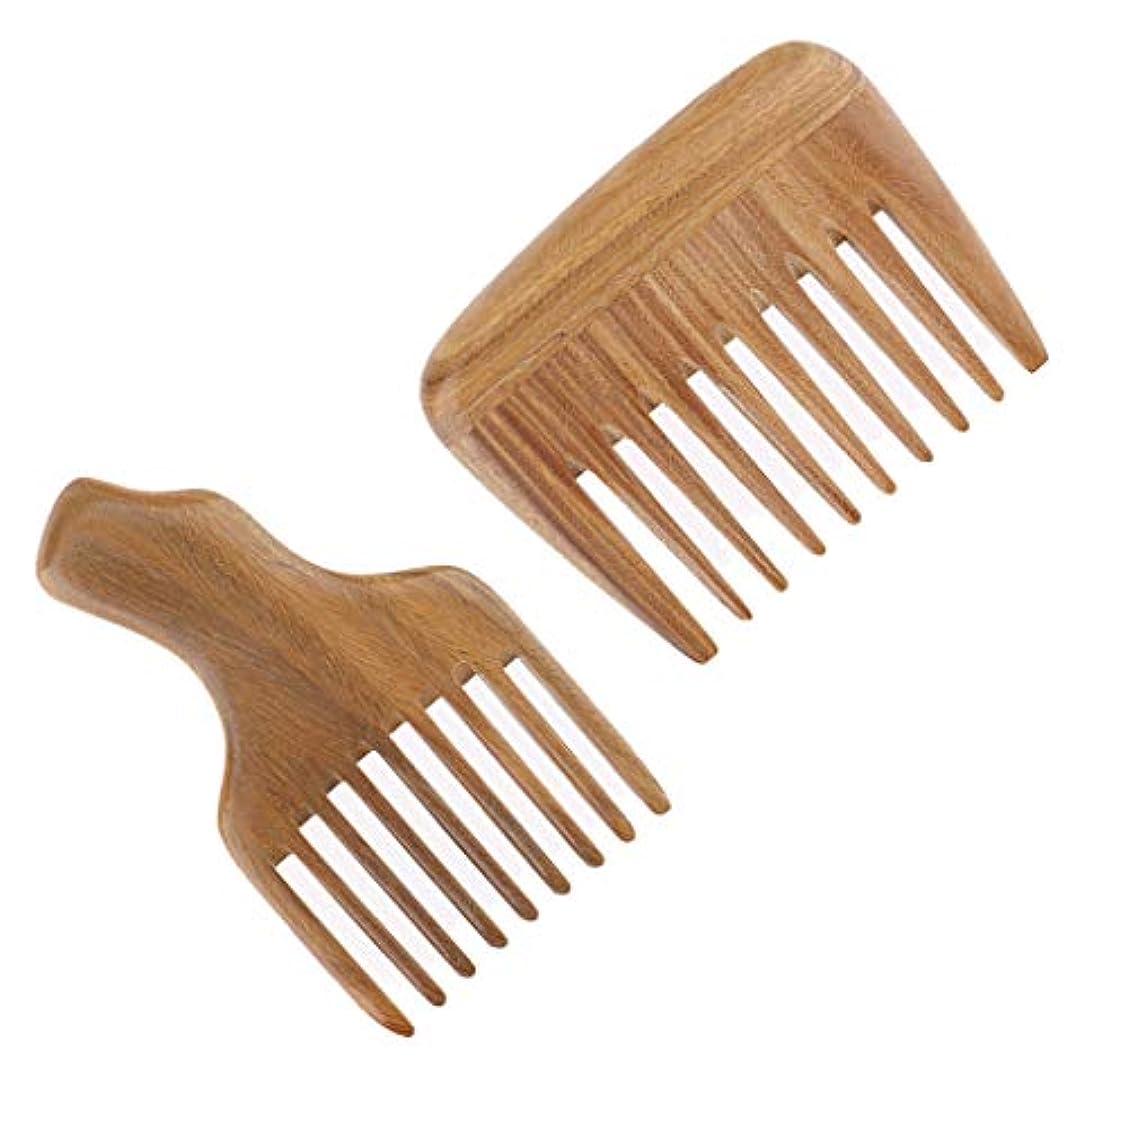 色カウンタクリームT TOOYFUL 木製コーム ヘアブラシ ヘアコーム 粗い櫛 ユニセックス 理髪店 サロン アクセサリー 2個入り